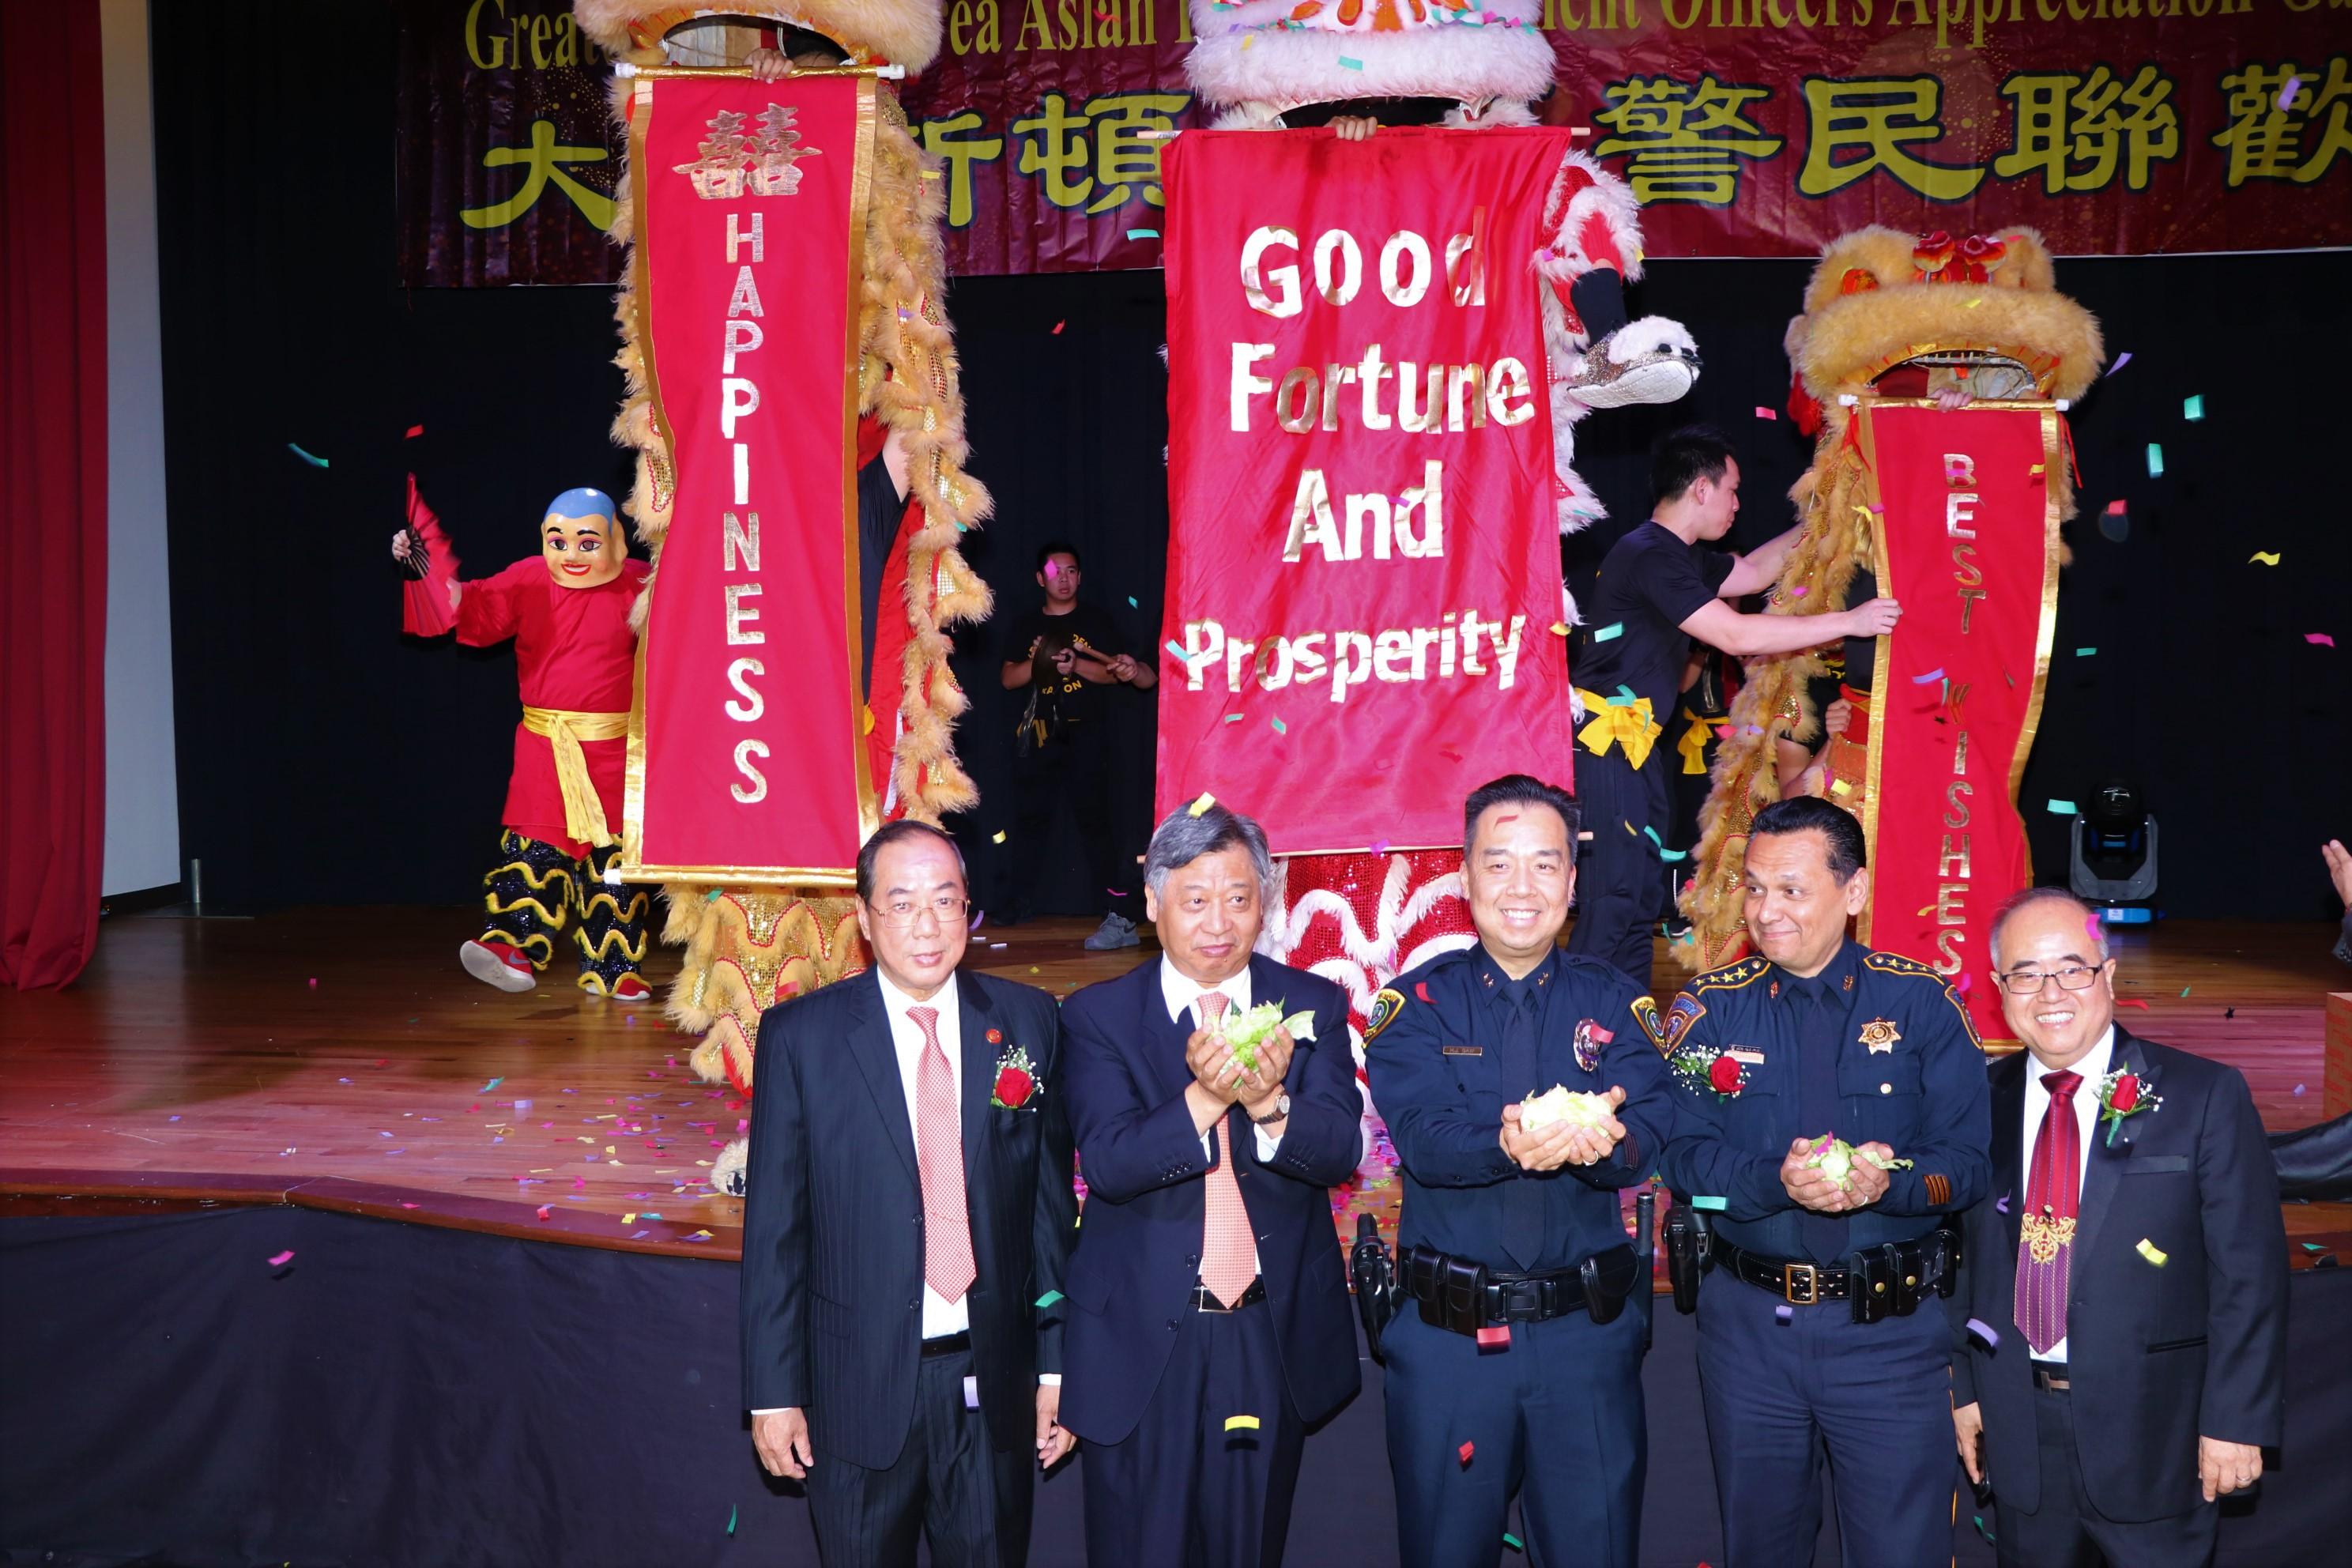 在陳灼剛(左一)、李雄(右一)兩位主辦人陪同下,中國駐休斯敦總領事李強民(左二起)、休士頓警局副警長Henry Gaw、哈瑞斯縣警長ED Gonzalez博得好彩頭。